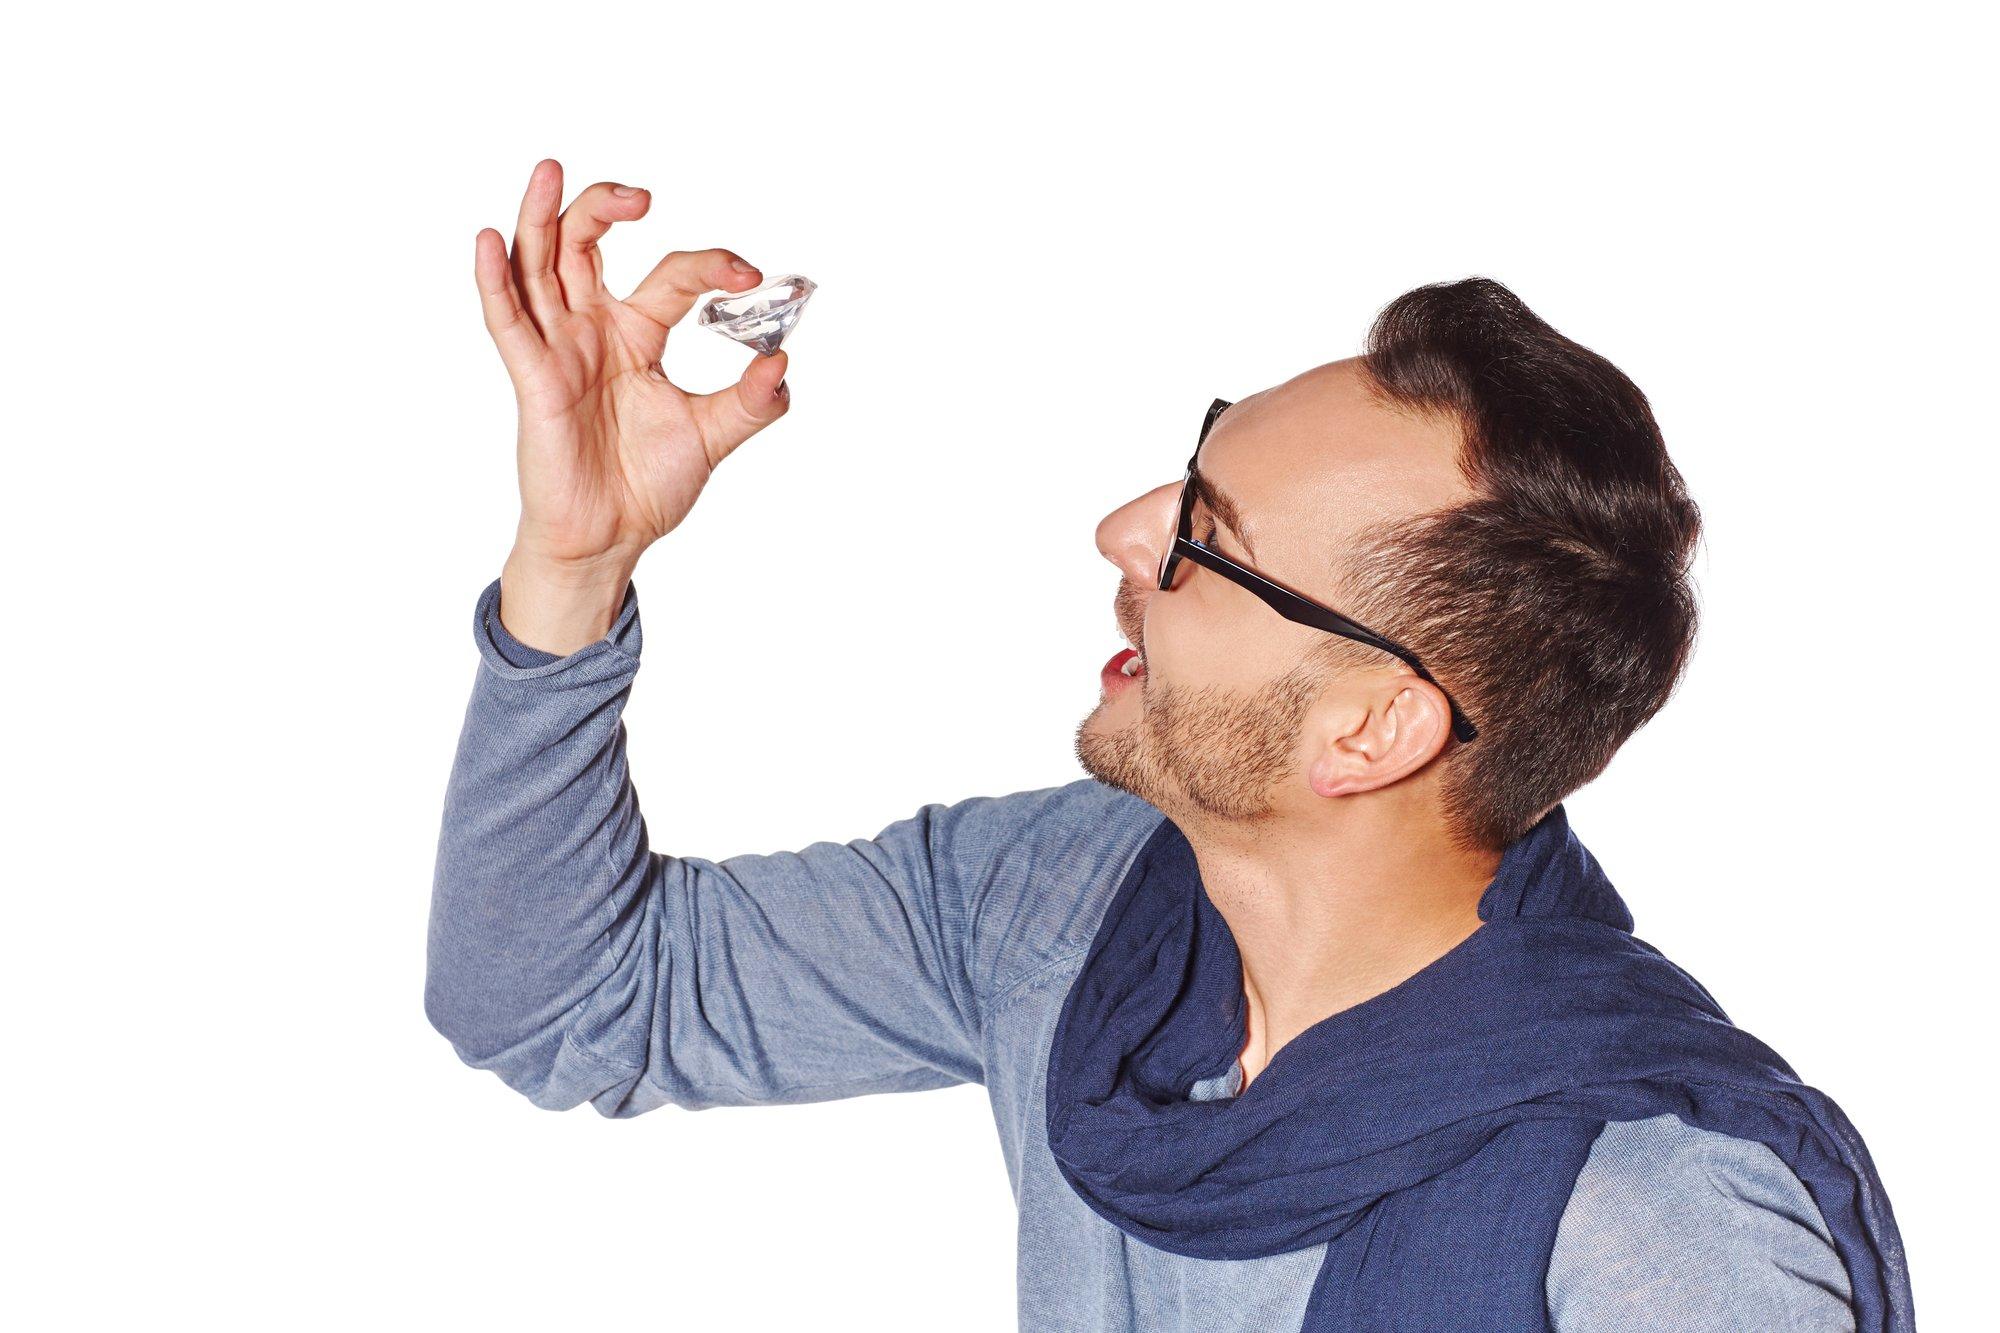 Man examining big diamond